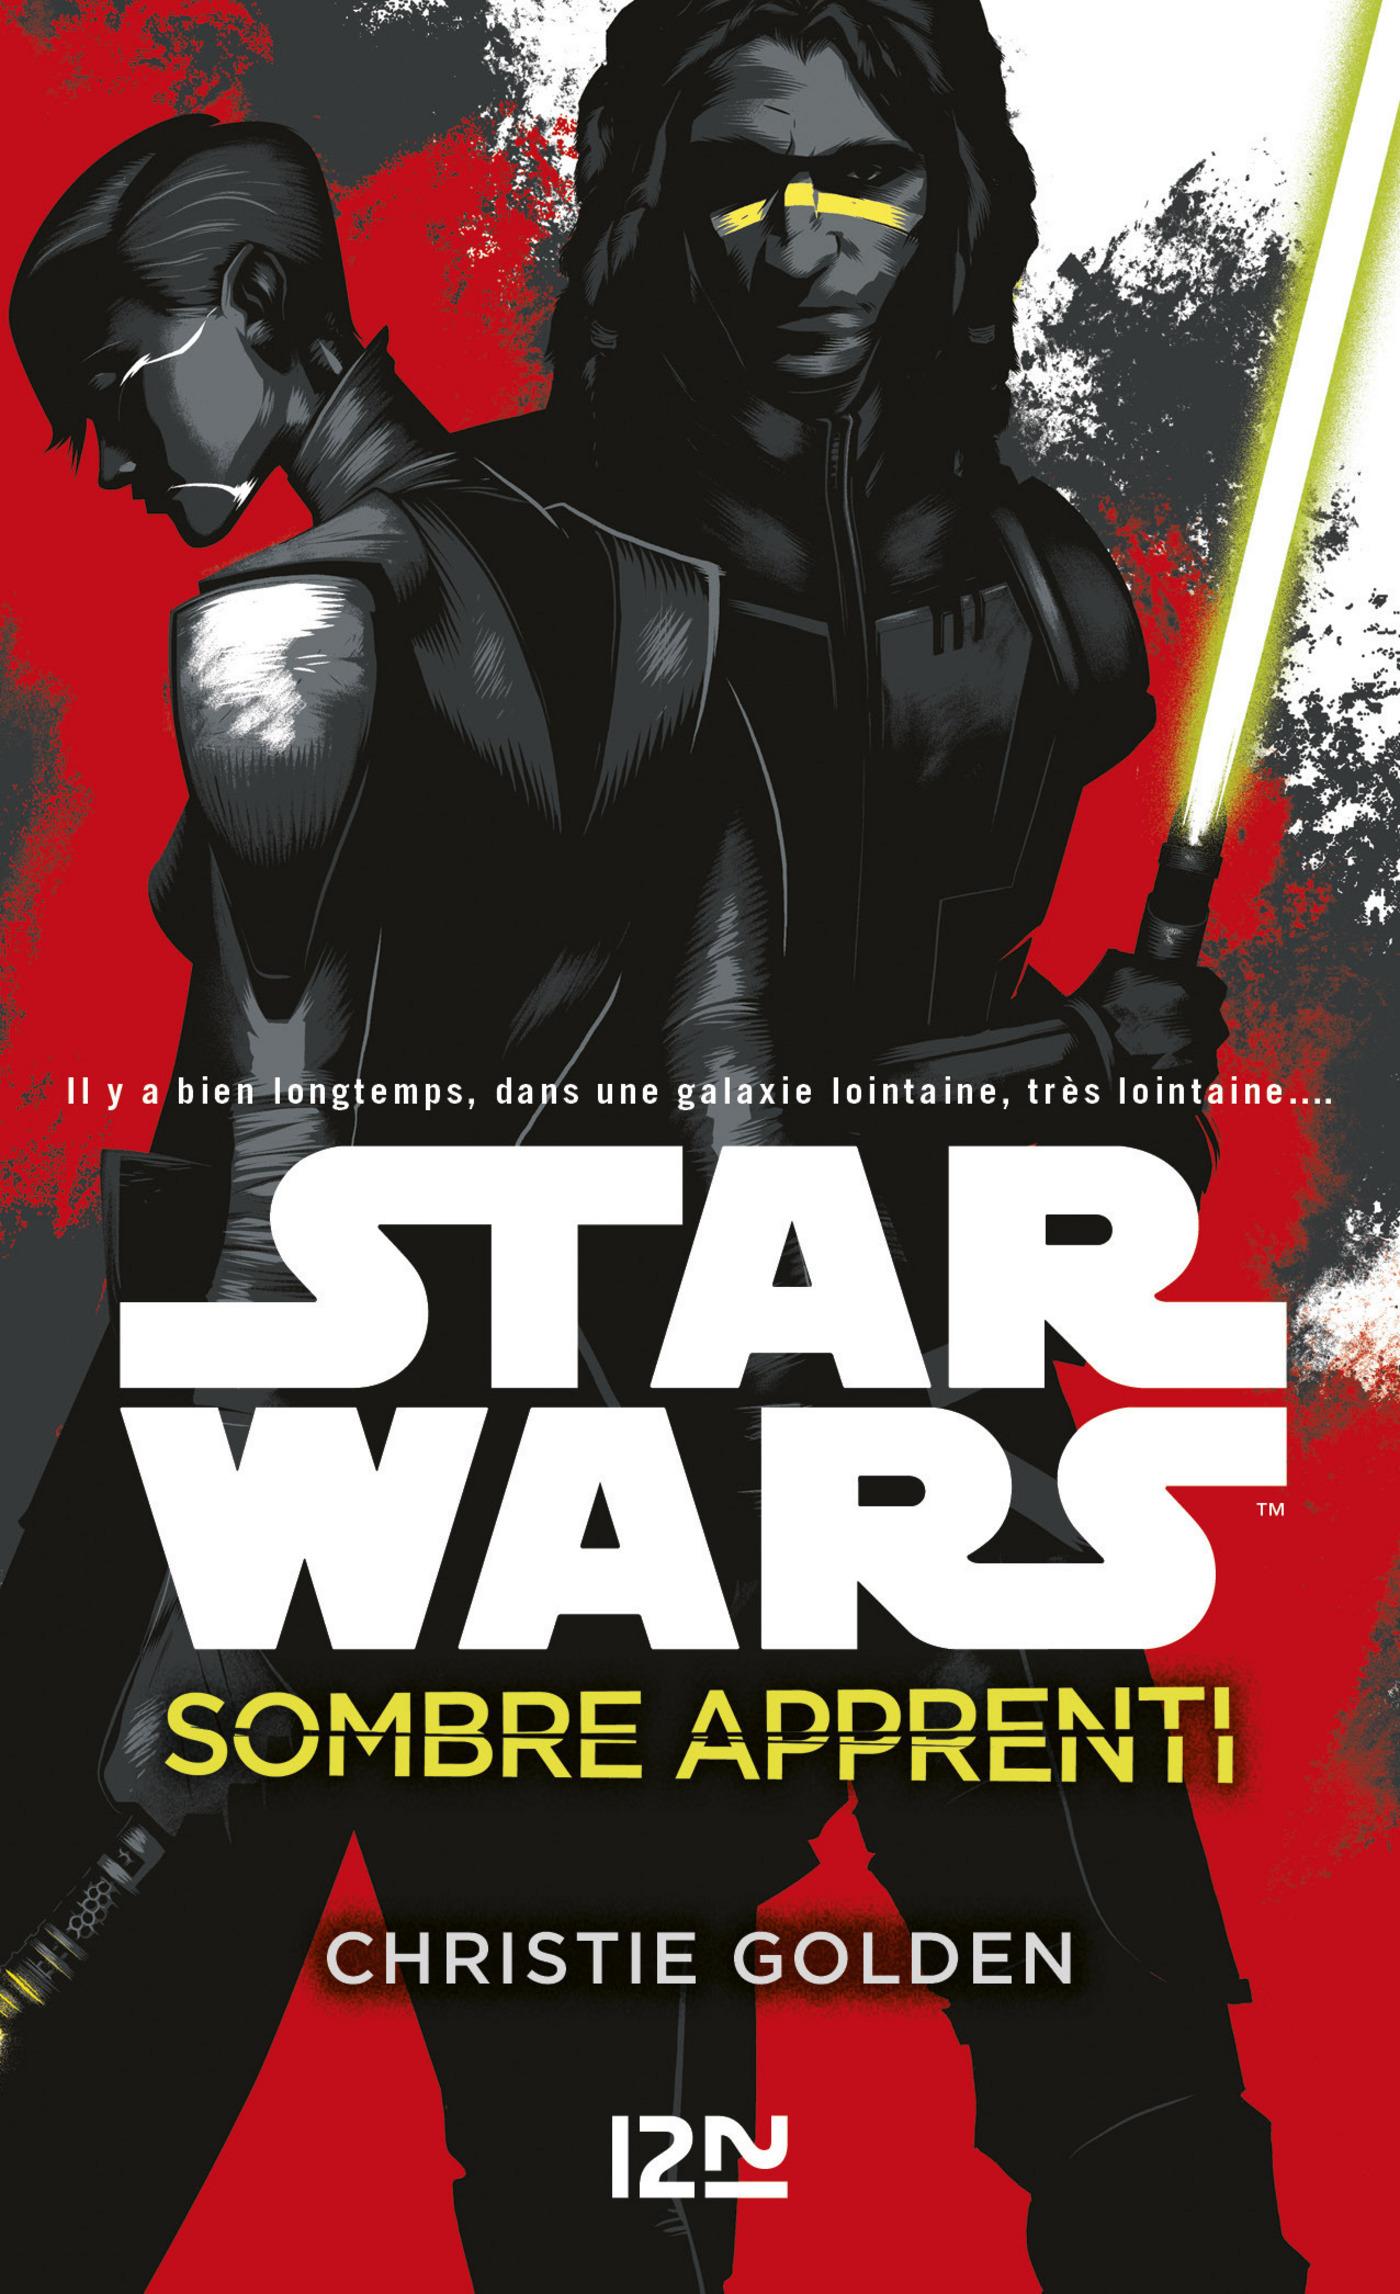 Star wars - Sombre apprenti